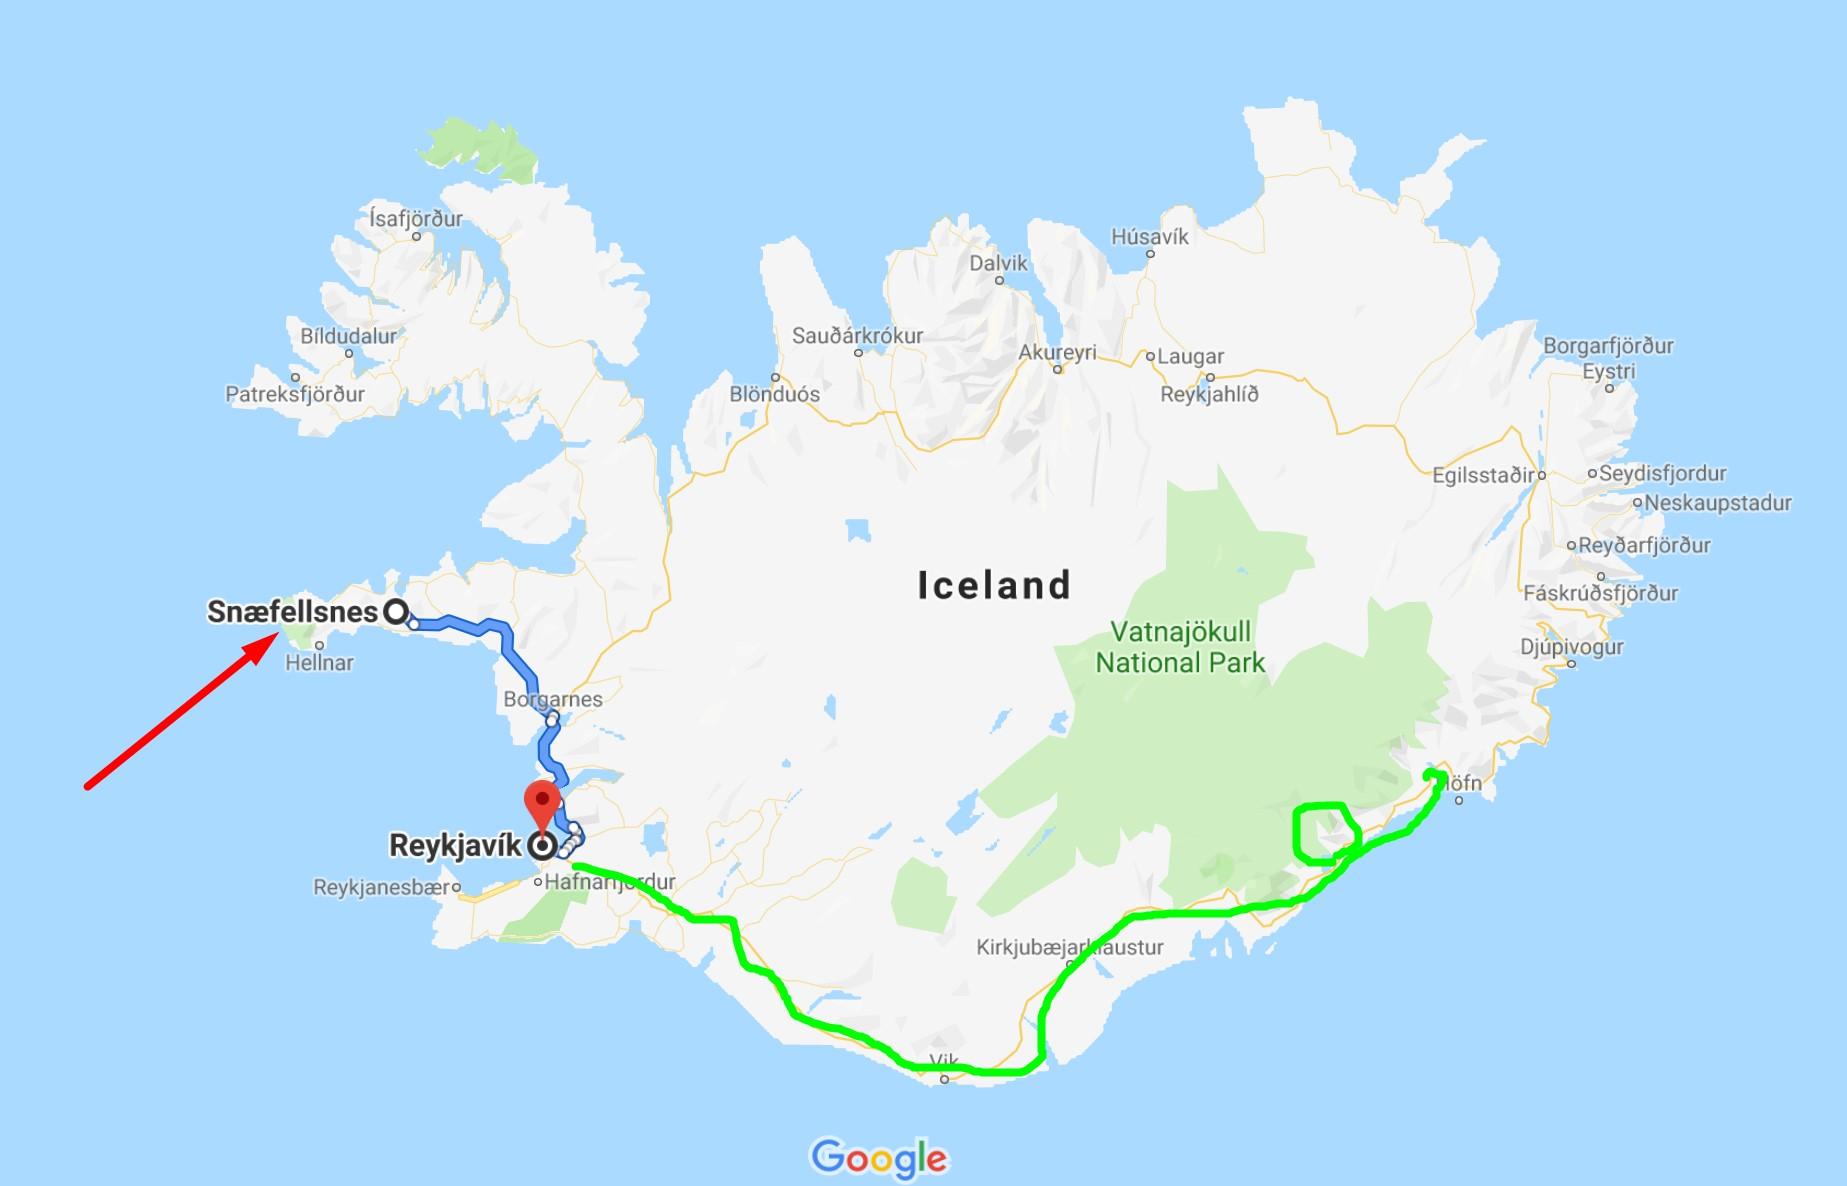 스나이펠스네스 반도 당일 투어 후기 - 아이슬란드의 아름다운 서부!